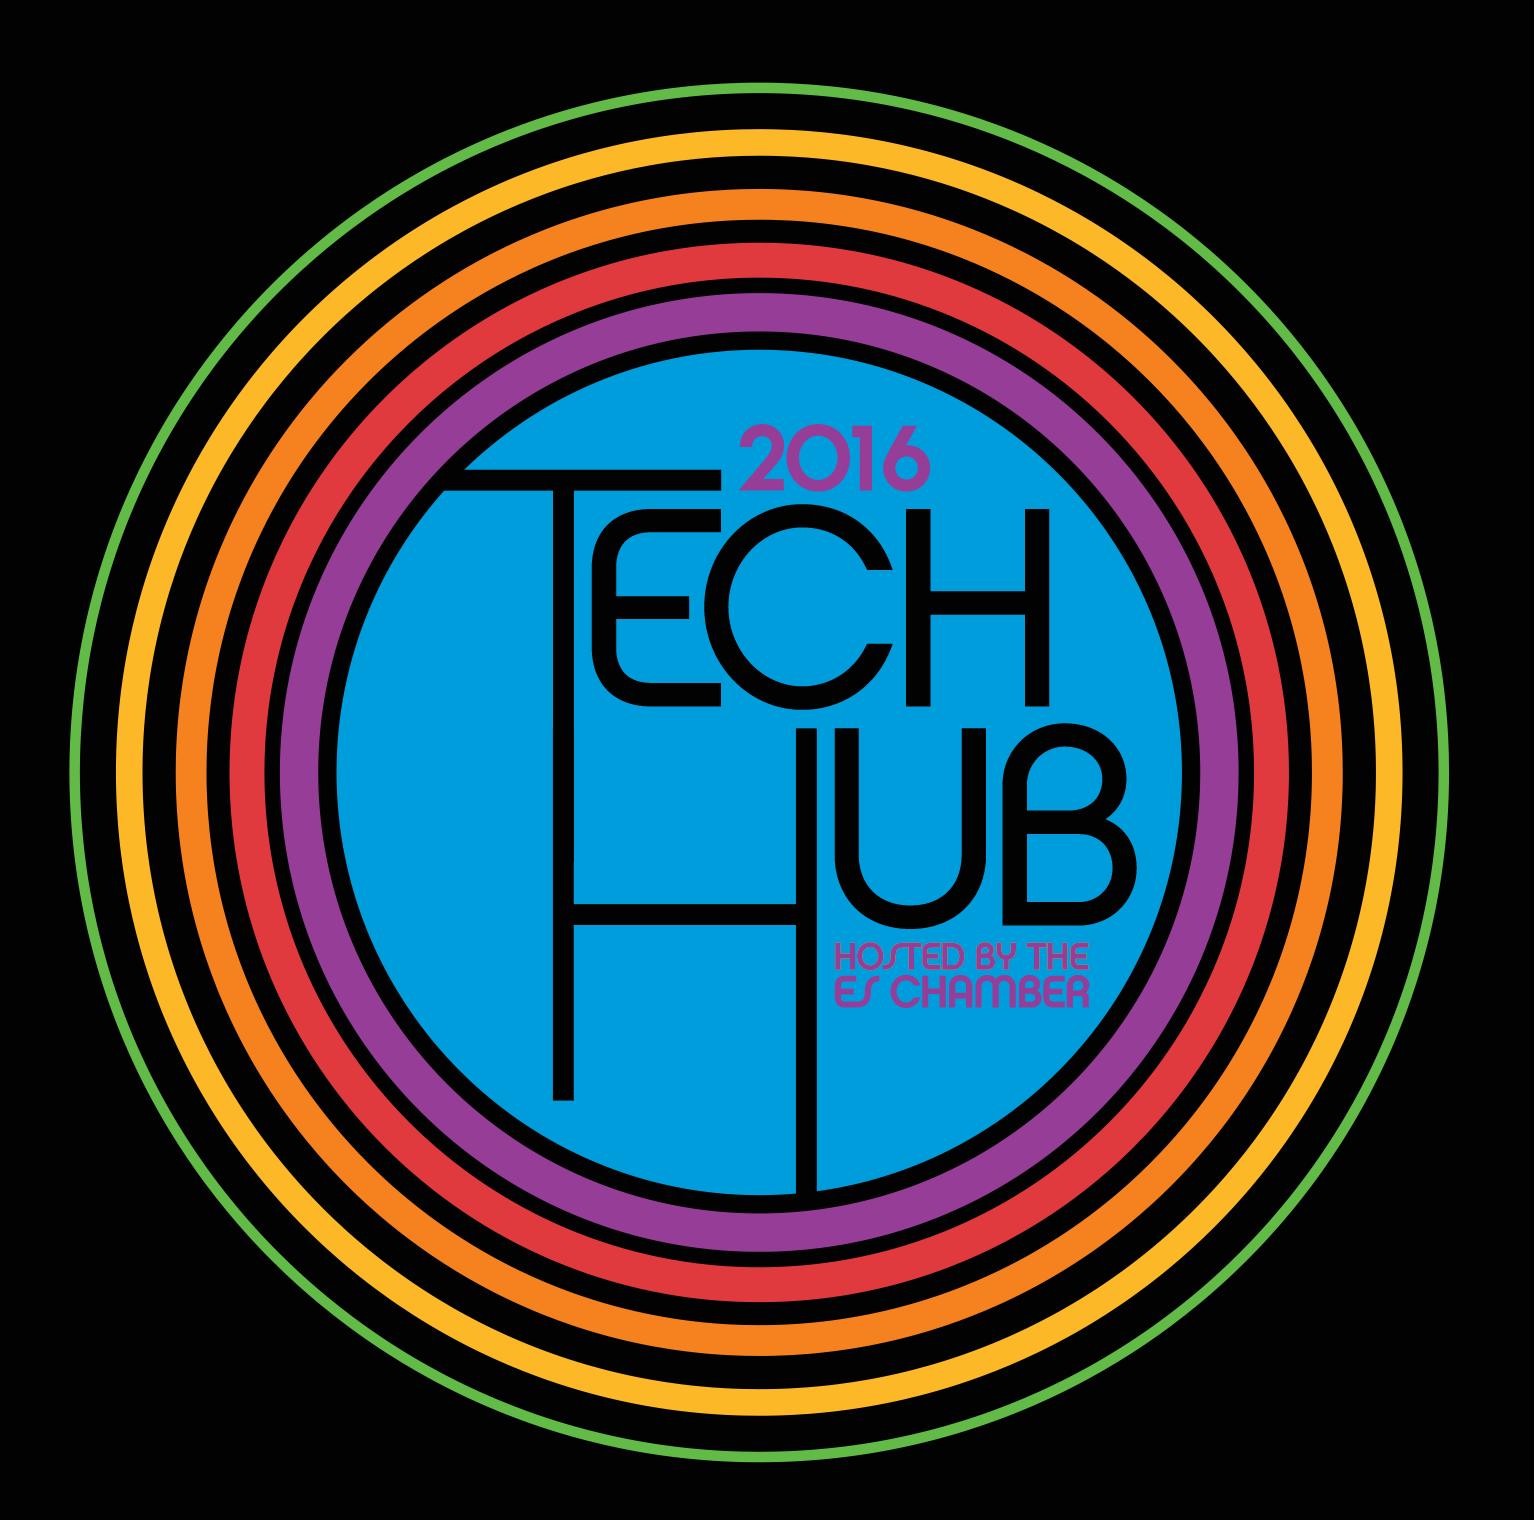 ES_Chamber_Tech_Hub.png